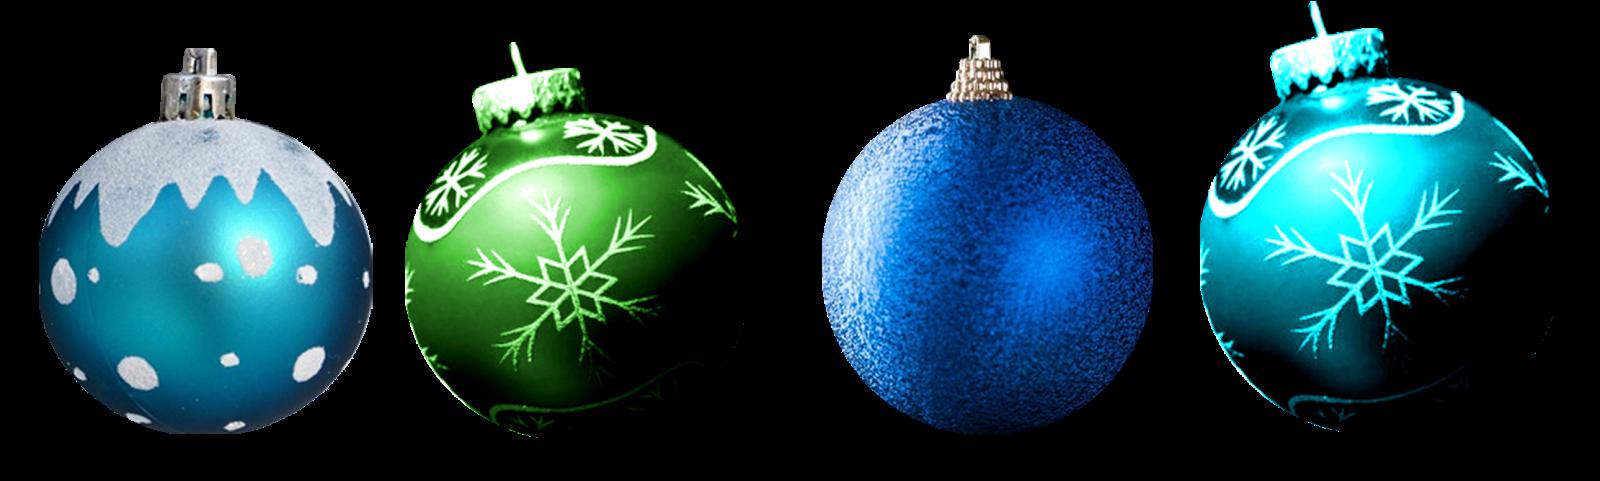 Adornos para navidad con fondo transparente para tus for Imagenes de bolas de navidad